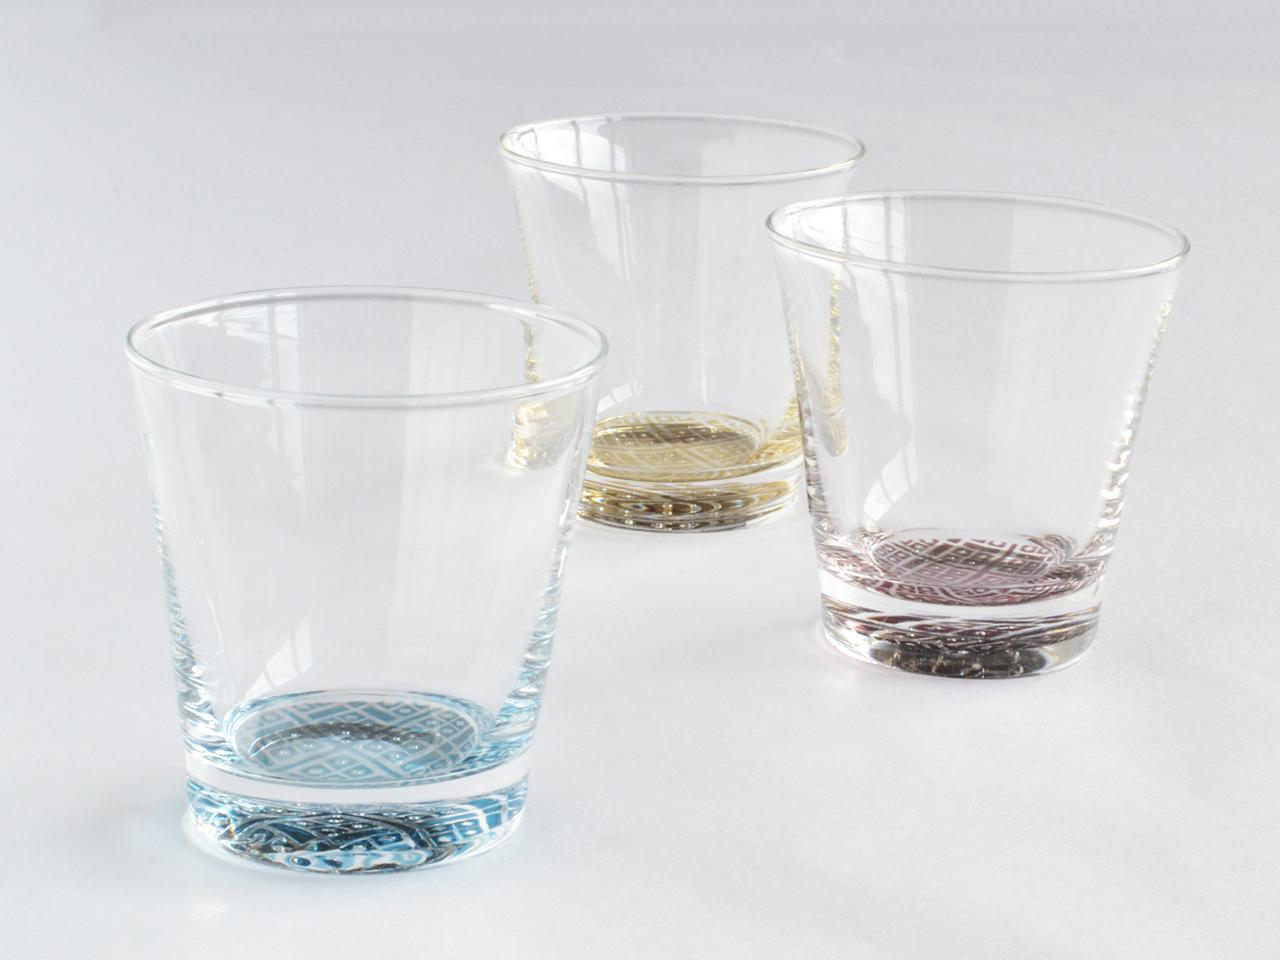 #tohokuru 白神ガラス工房|こぎん硝子 グラス